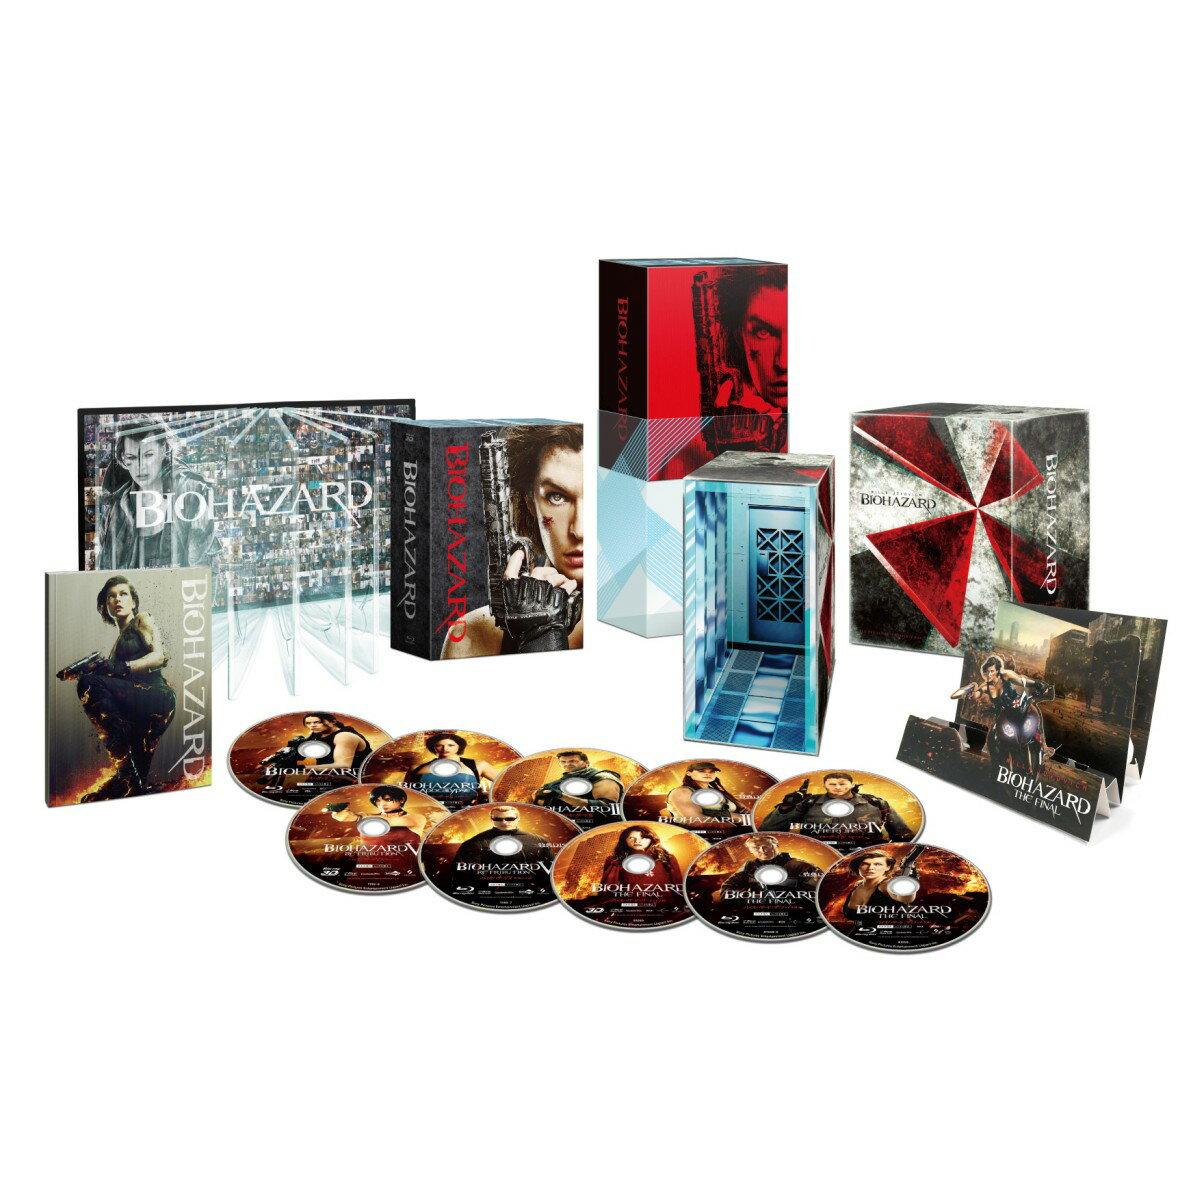 バイオハザード アルティメット・コンプリート・ボックス(完全数量限定)(10枚組)【Blu-ray】 [ ミラ・ジョヴォヴィッチ ]